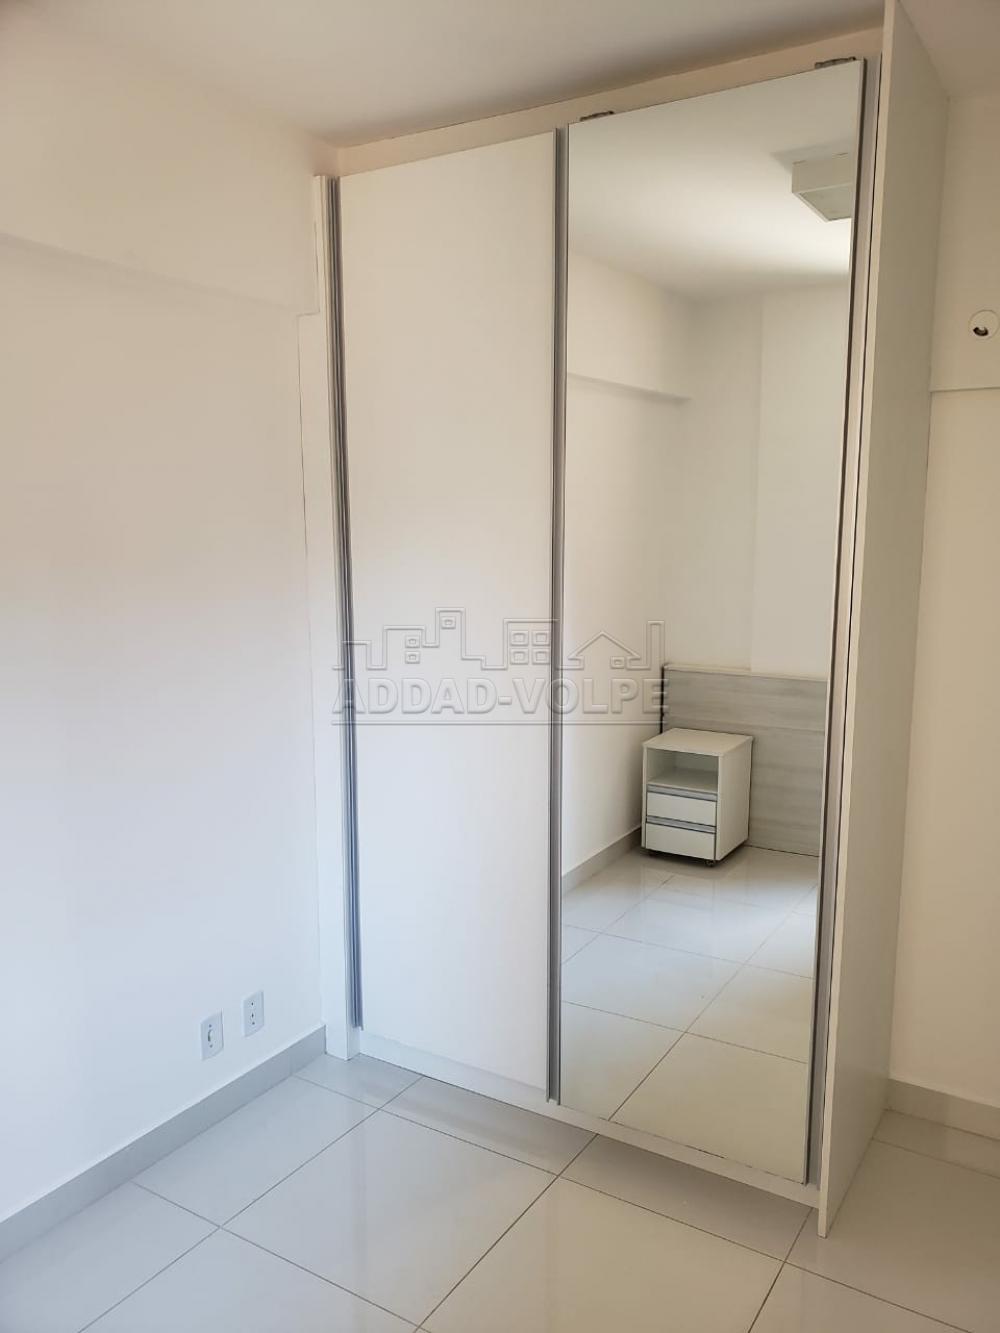 Alugar Apartamento / Padrão em Bauru R$ 1.900,00 - Foto 20